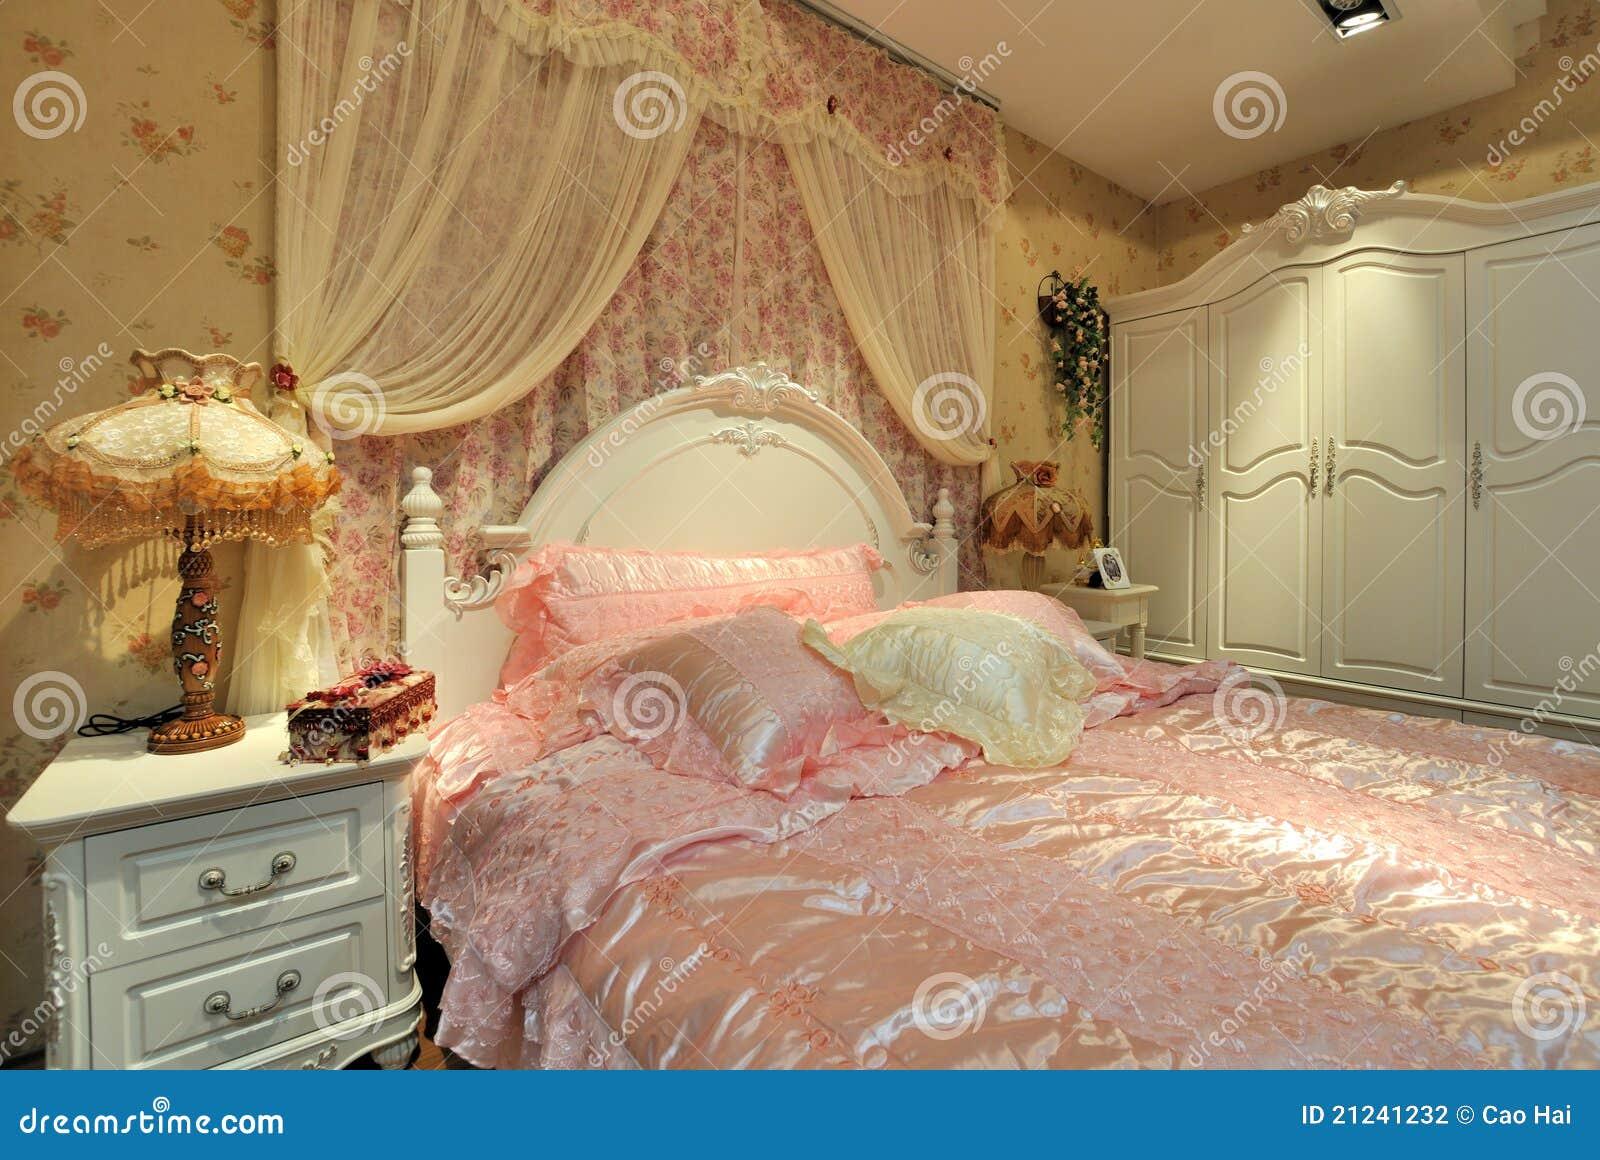 Slaapkamer in bloemrijke decoratie stock foto afbeelding 21241232 - Ouderlijke slaapkamer decoratie ...